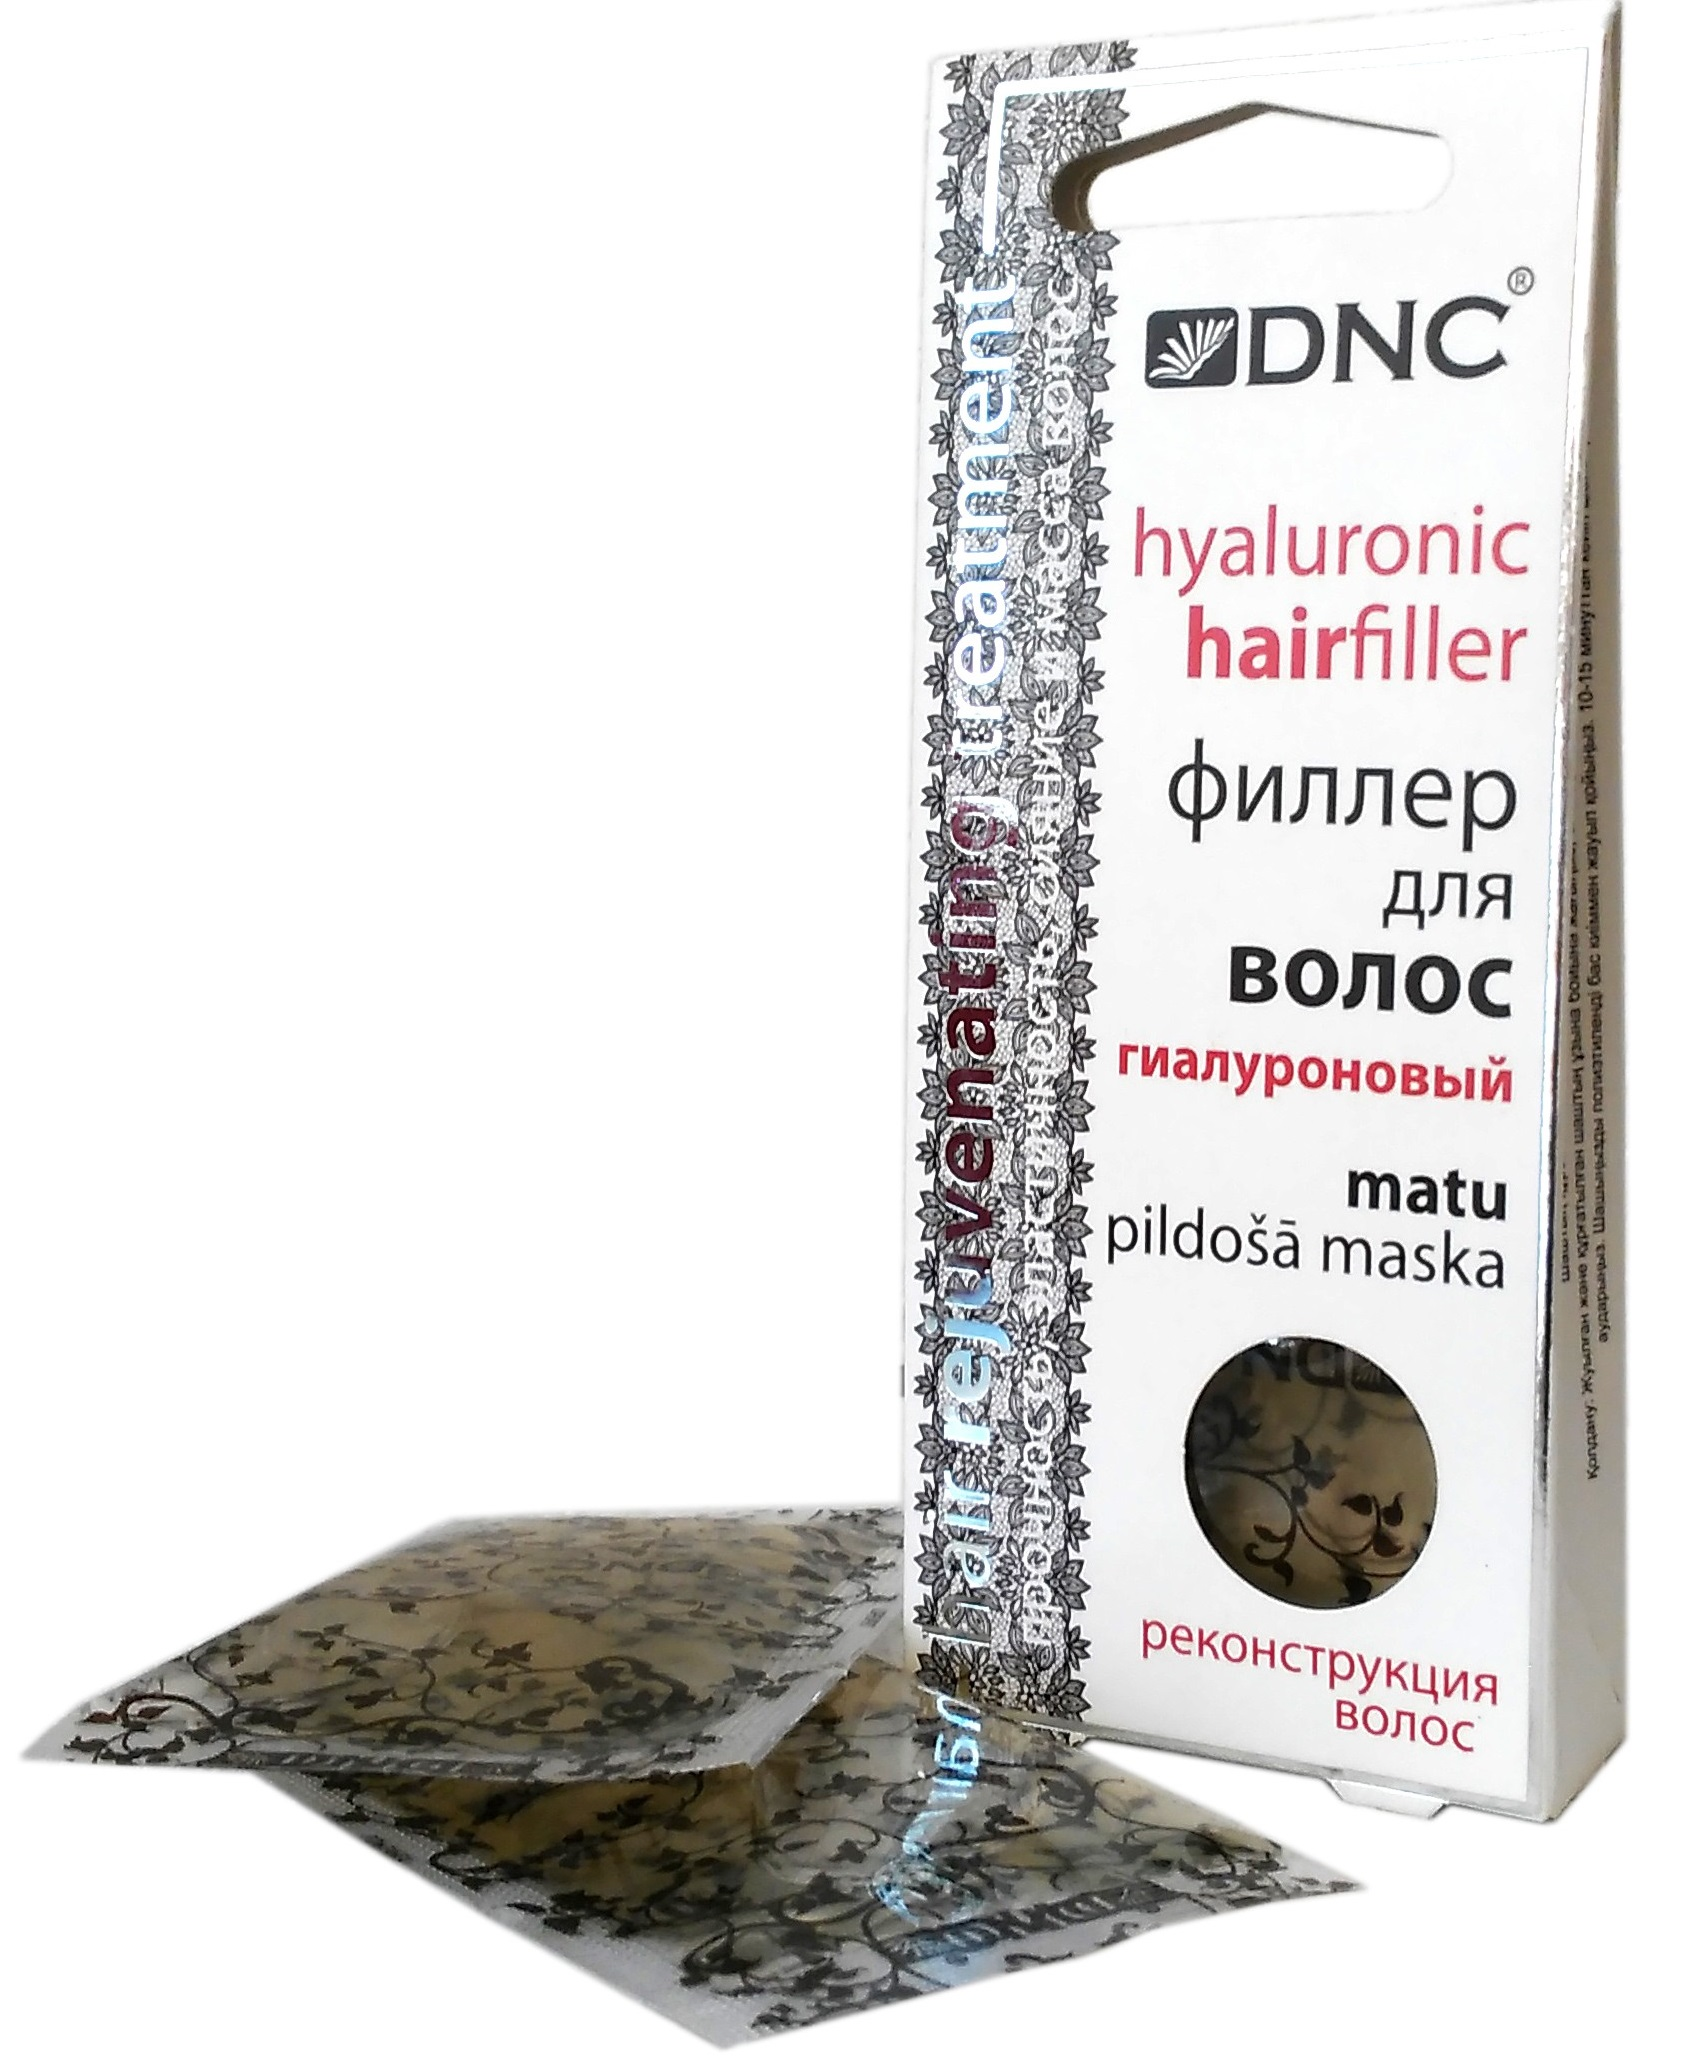 Филлер для волос от dnc отзывы